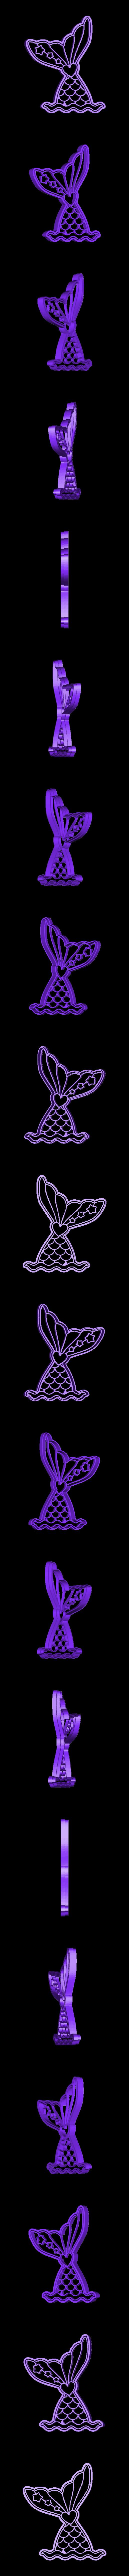 Sirena 2.STL Télécharger fichier STL gratuit Coupe-biscuits de sirène • Design pour impression 3D, icepro10